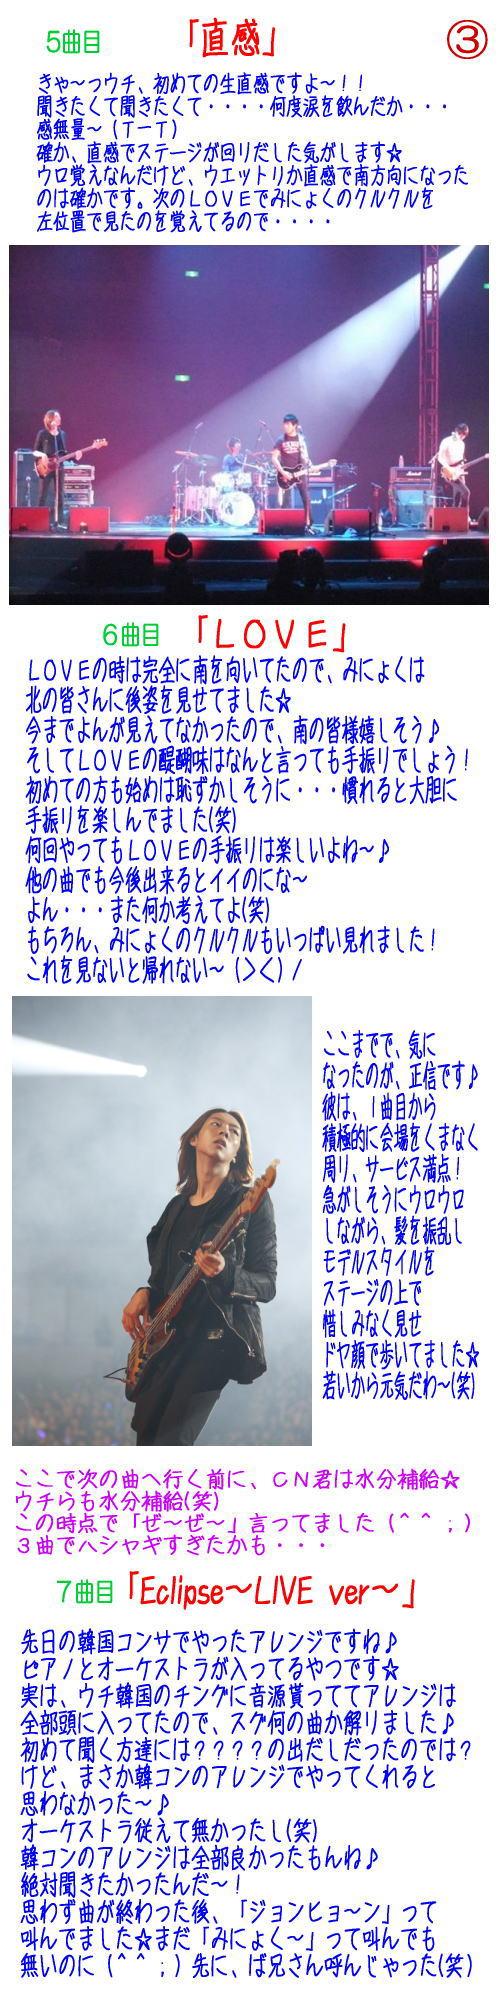 横浜アリーナ-3